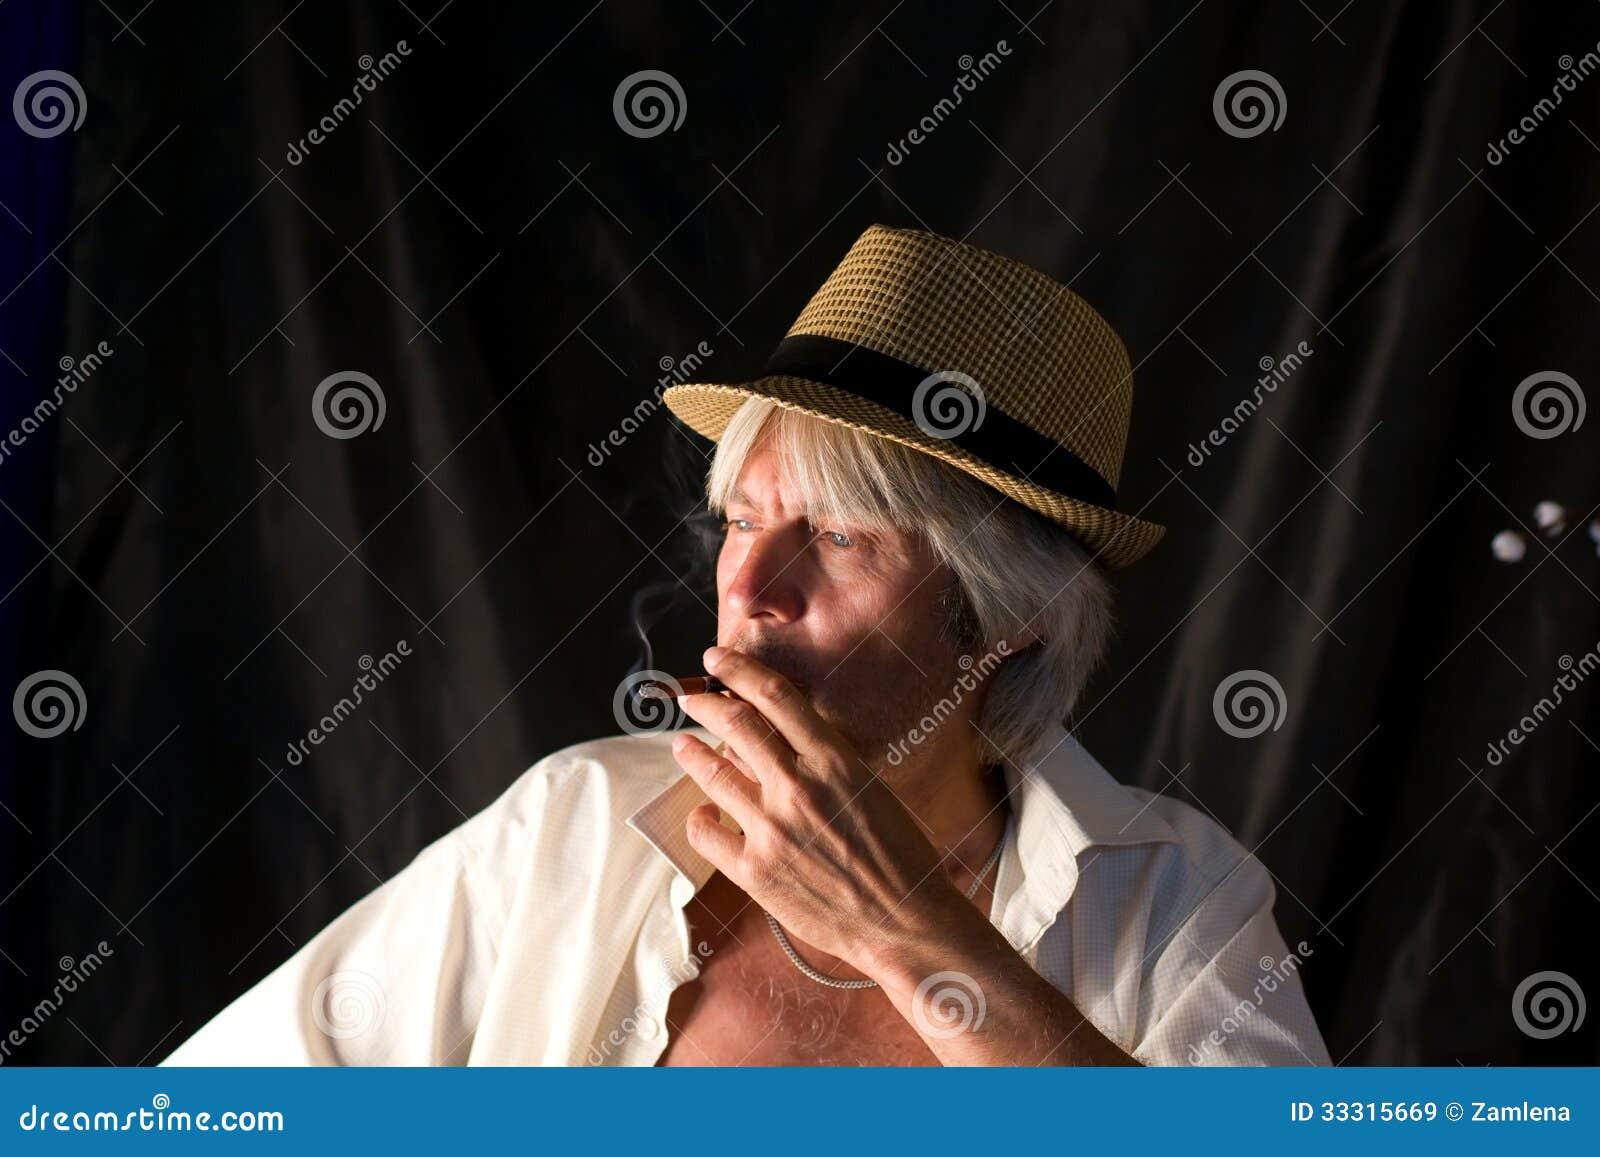 Ritratto Di Un Uomo Anziano Con Capelli Grigi 7f3eff52d3a0